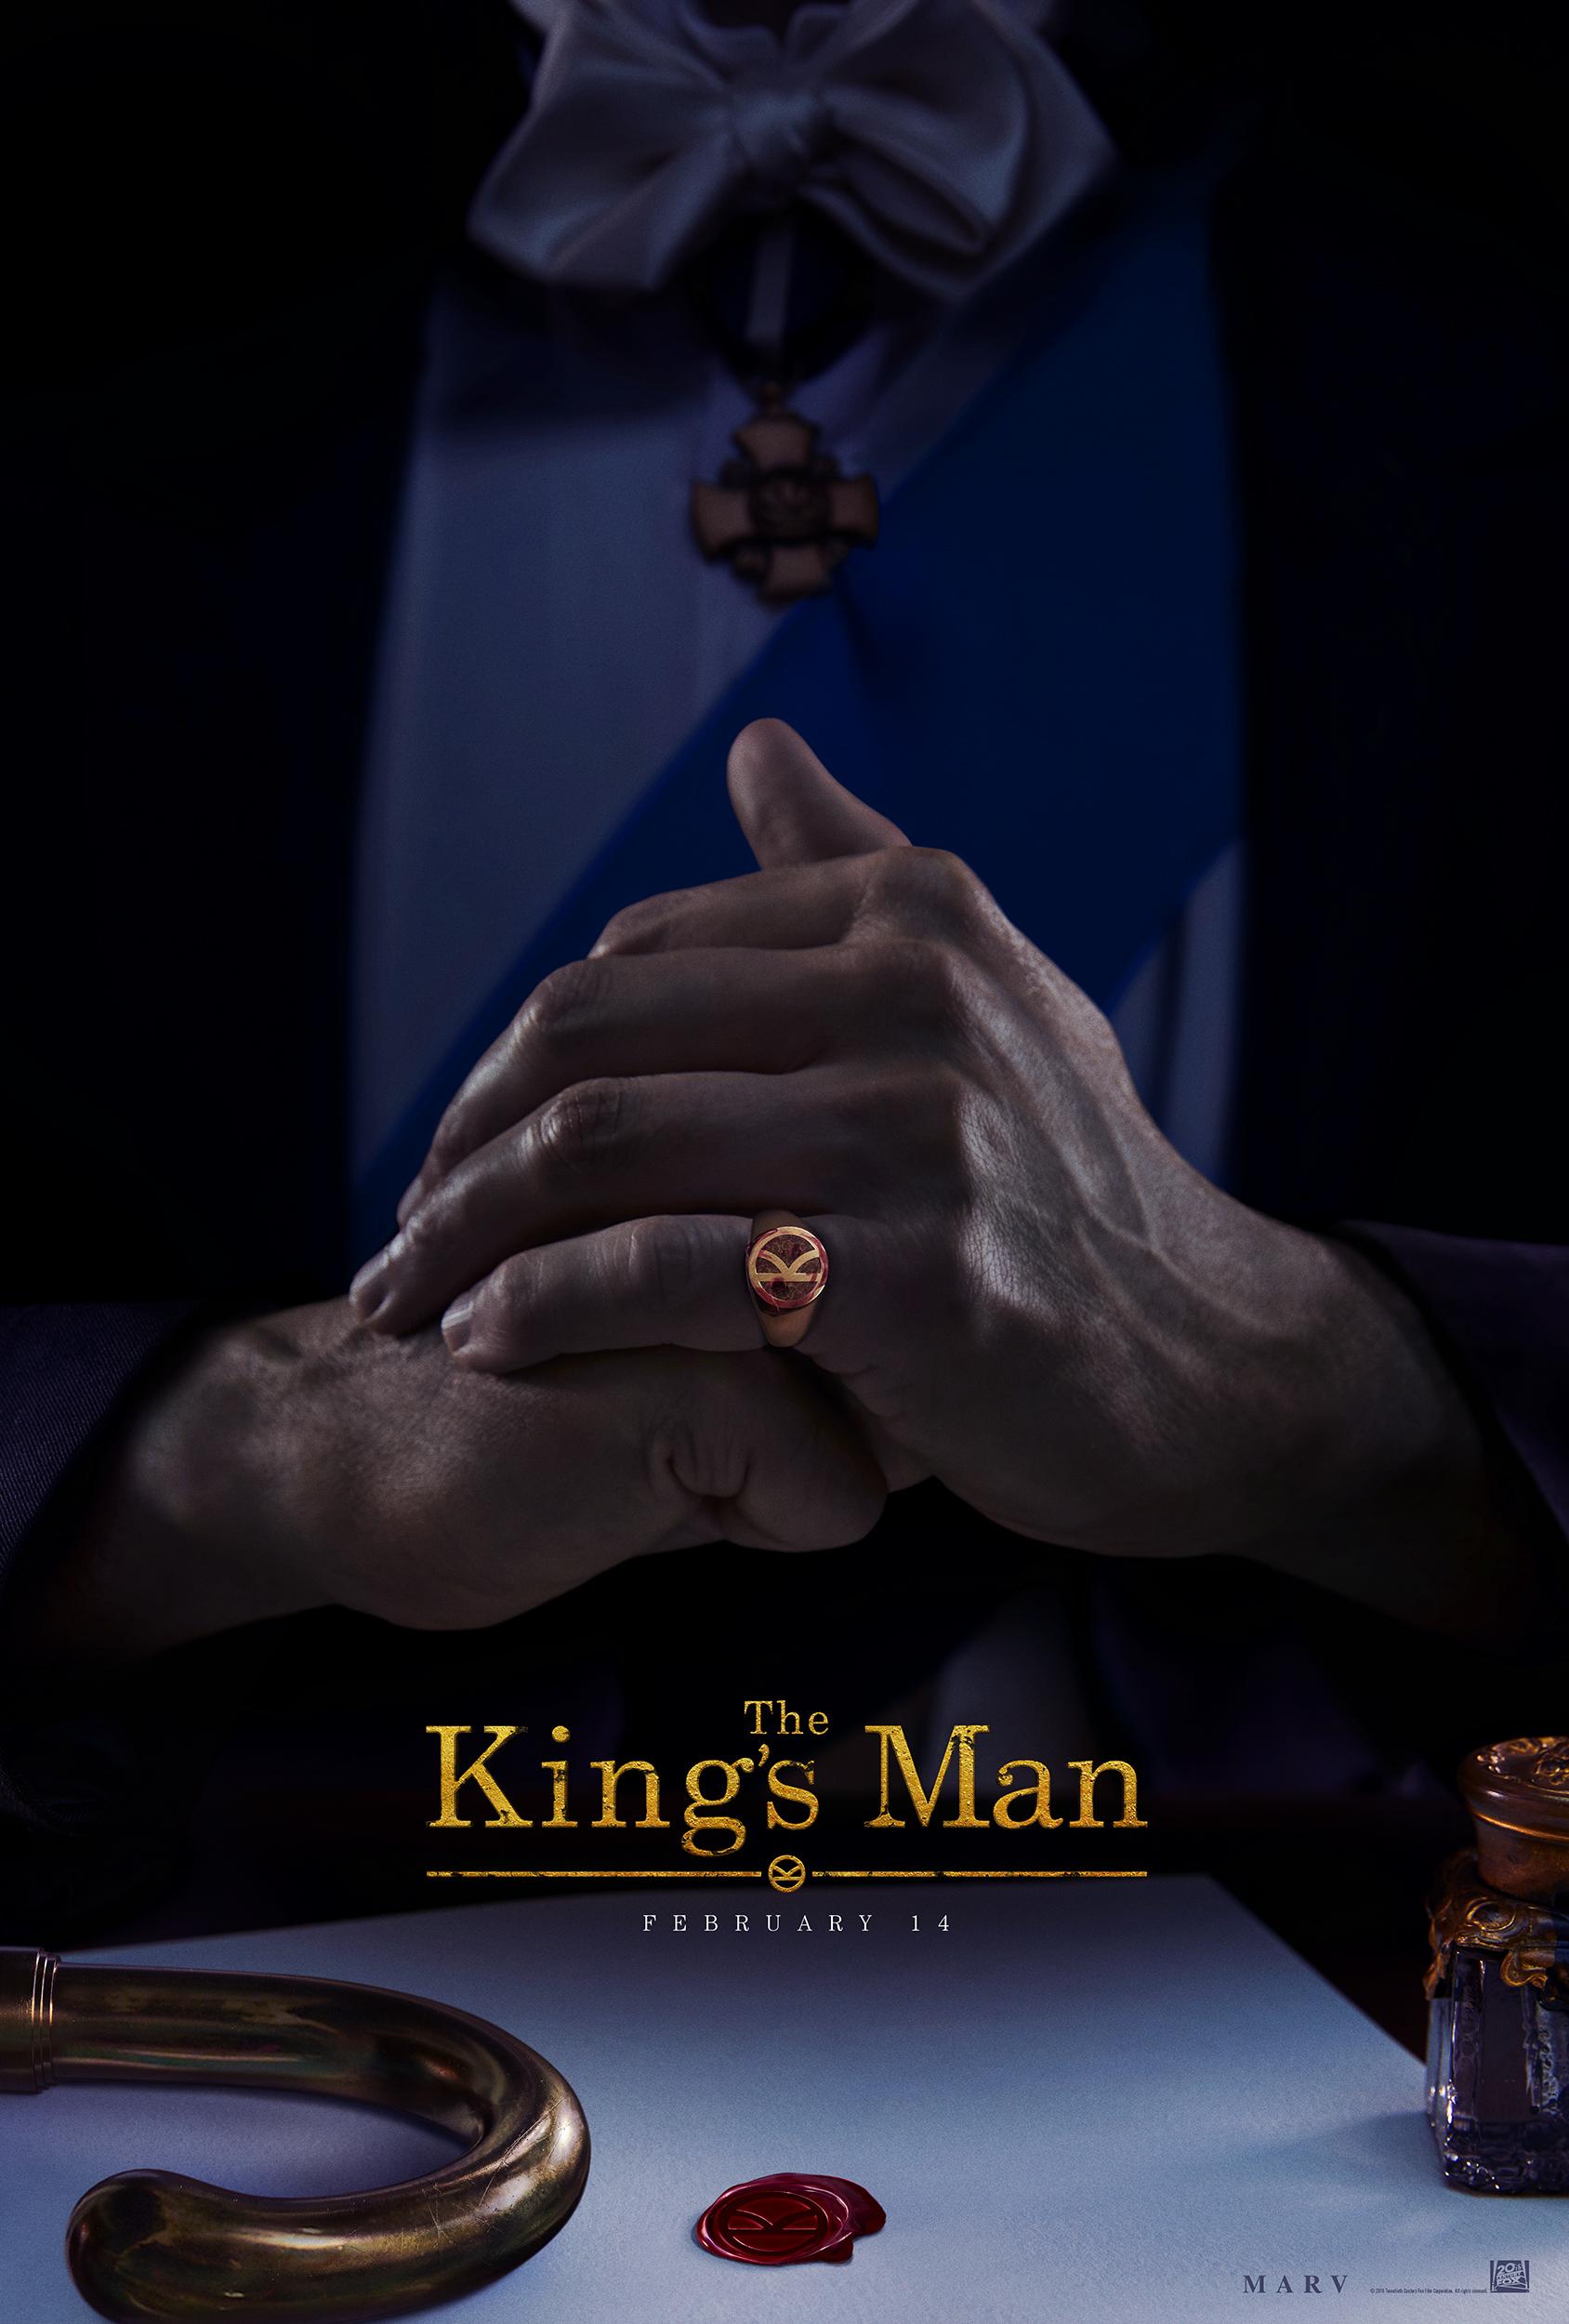 THE KING'S MAN_1Sheet